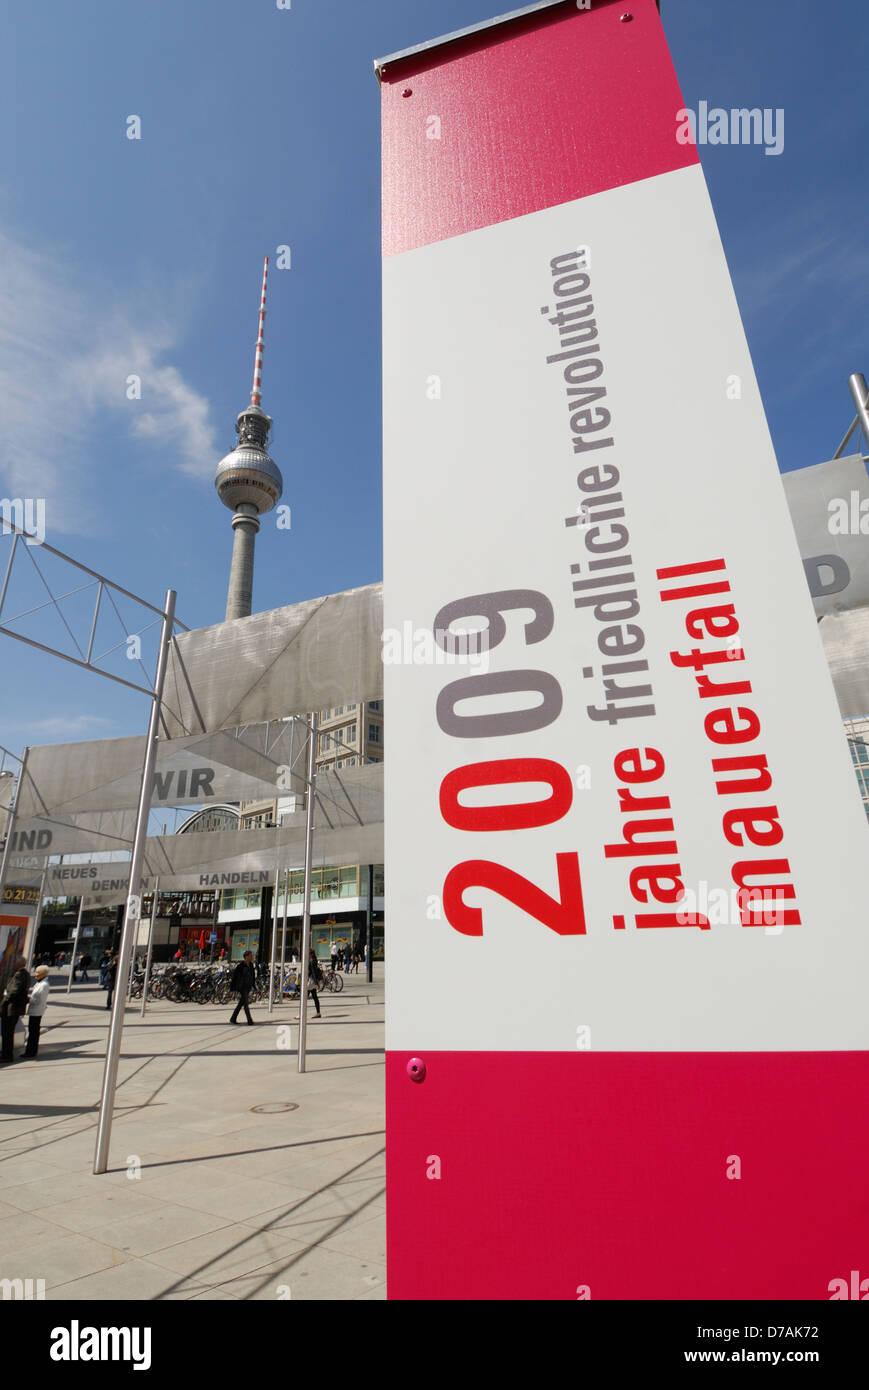 Exposition sur l'Alexanderplatz commémorant 20 ans depuis la chute du mur de Berlin, Berlin, Allemagne. Photo Stock